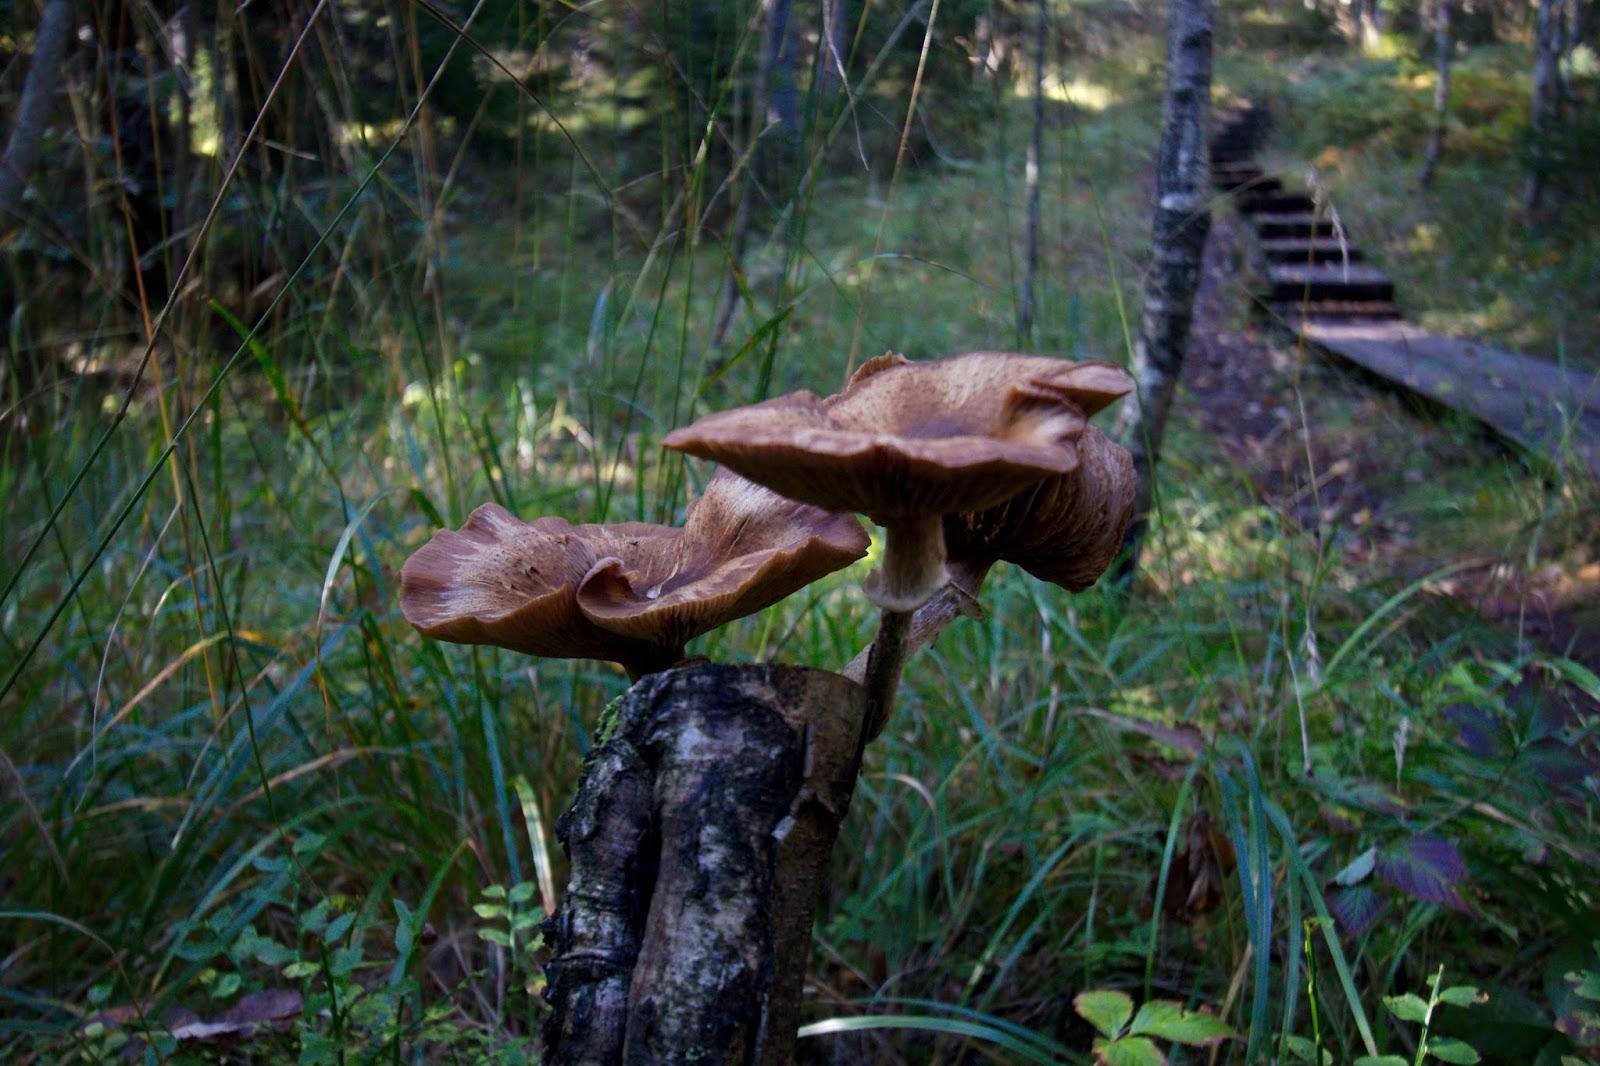 Kannon päässä kasvavia sieniä oli Karnaistenkorvessa paljon